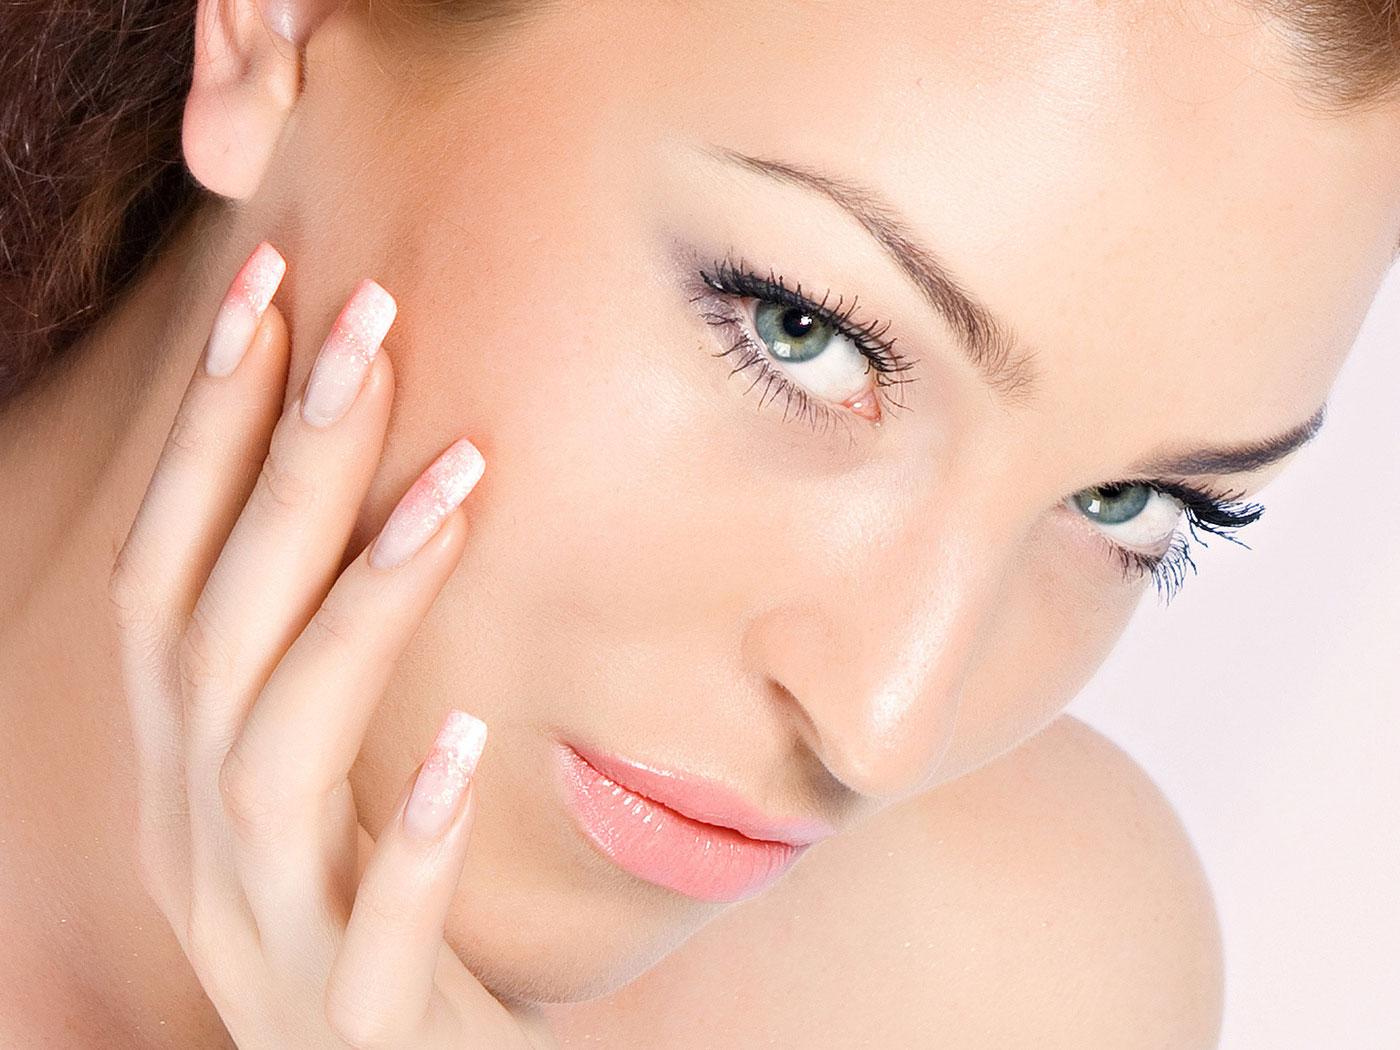 Кремы от купероза на лице – эффективные препараты